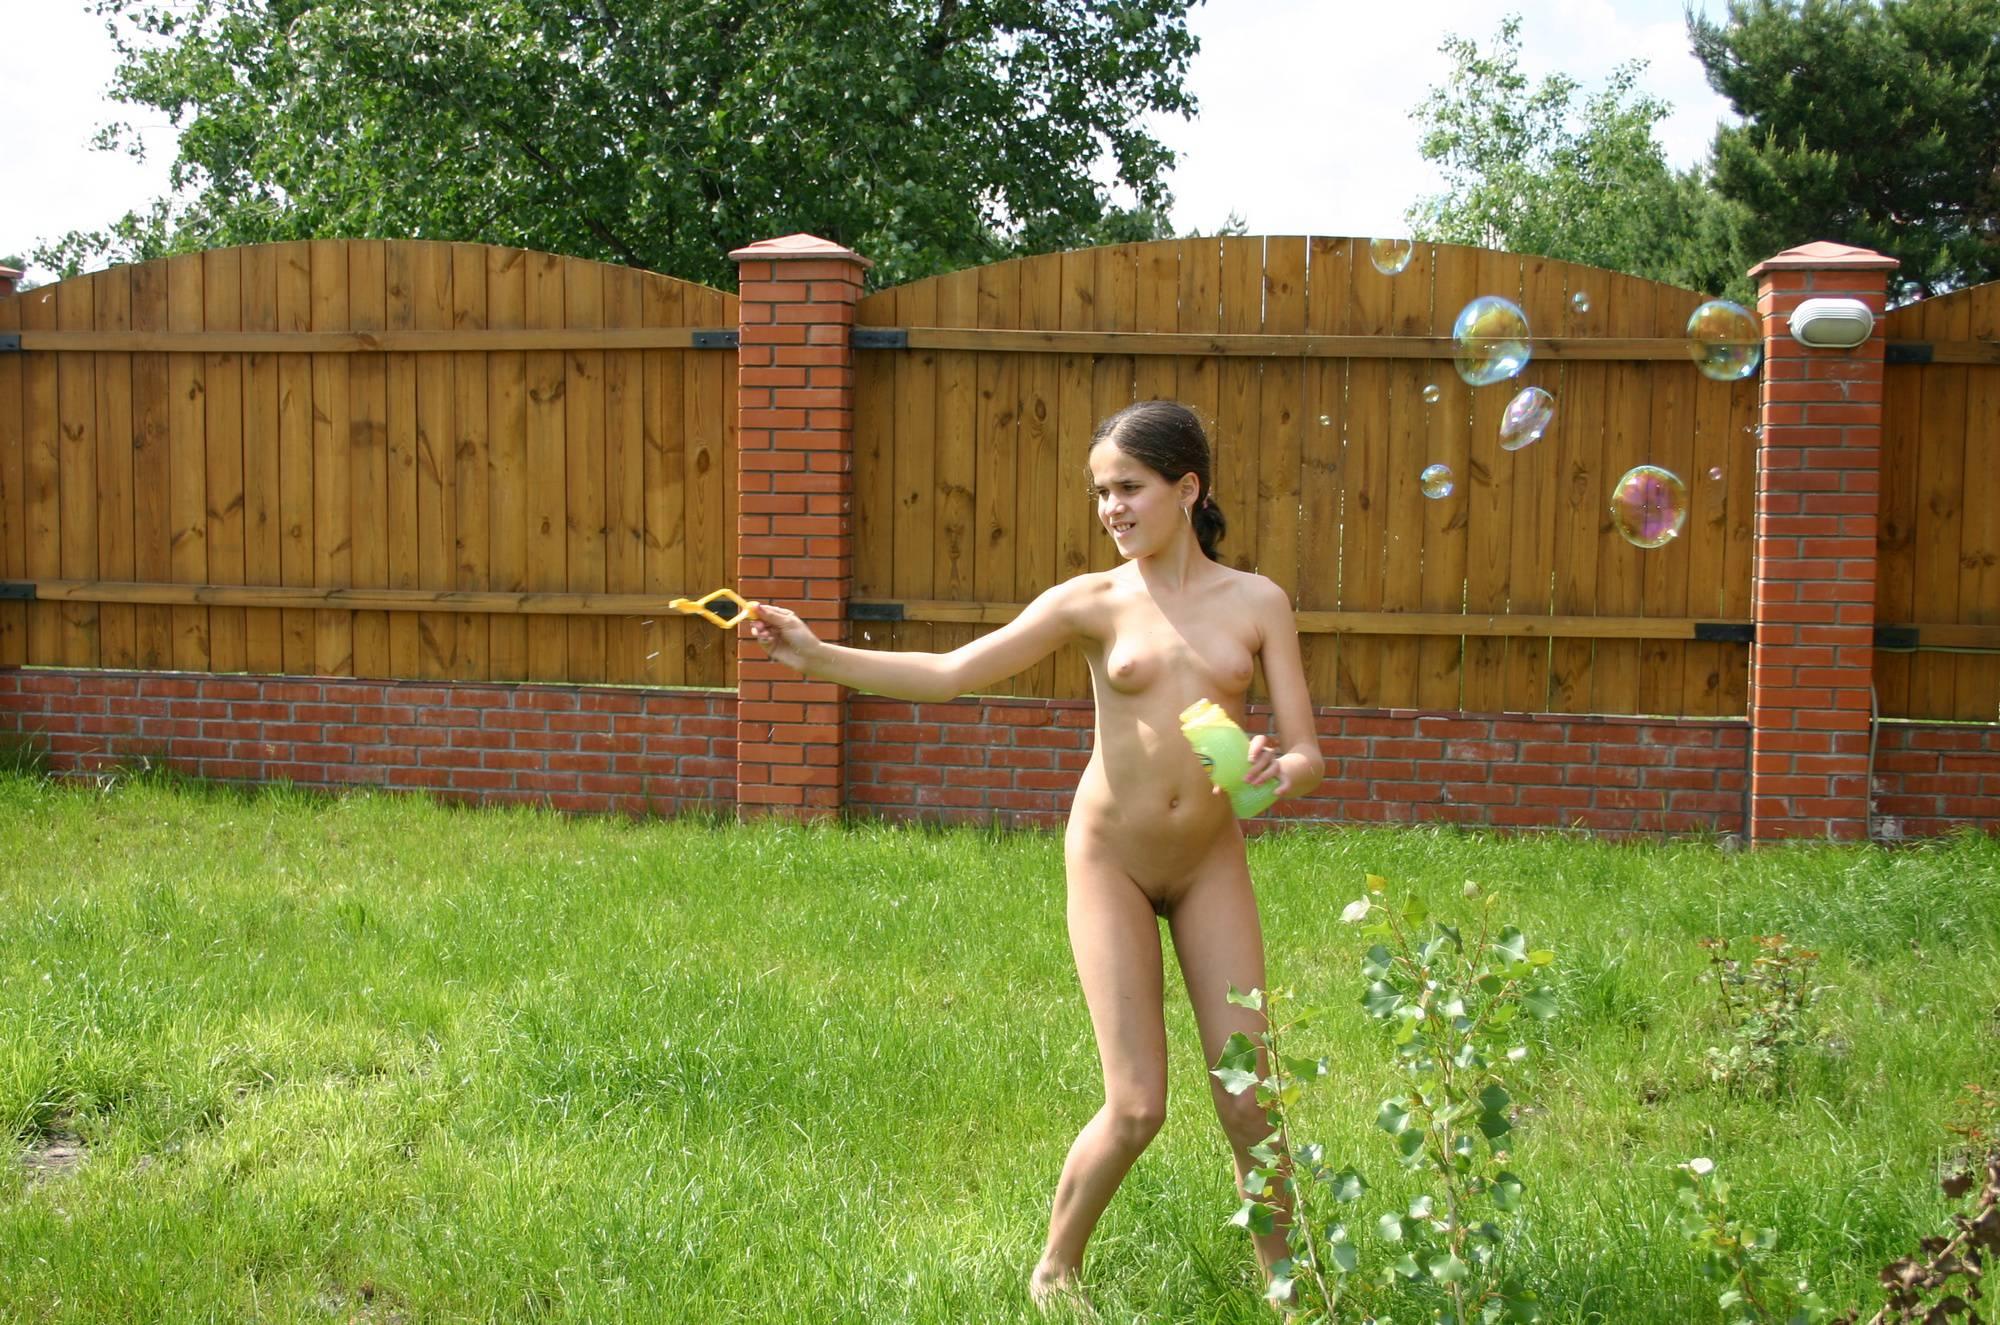 Nudist Pics Kiev Backyard Greens Play - 2